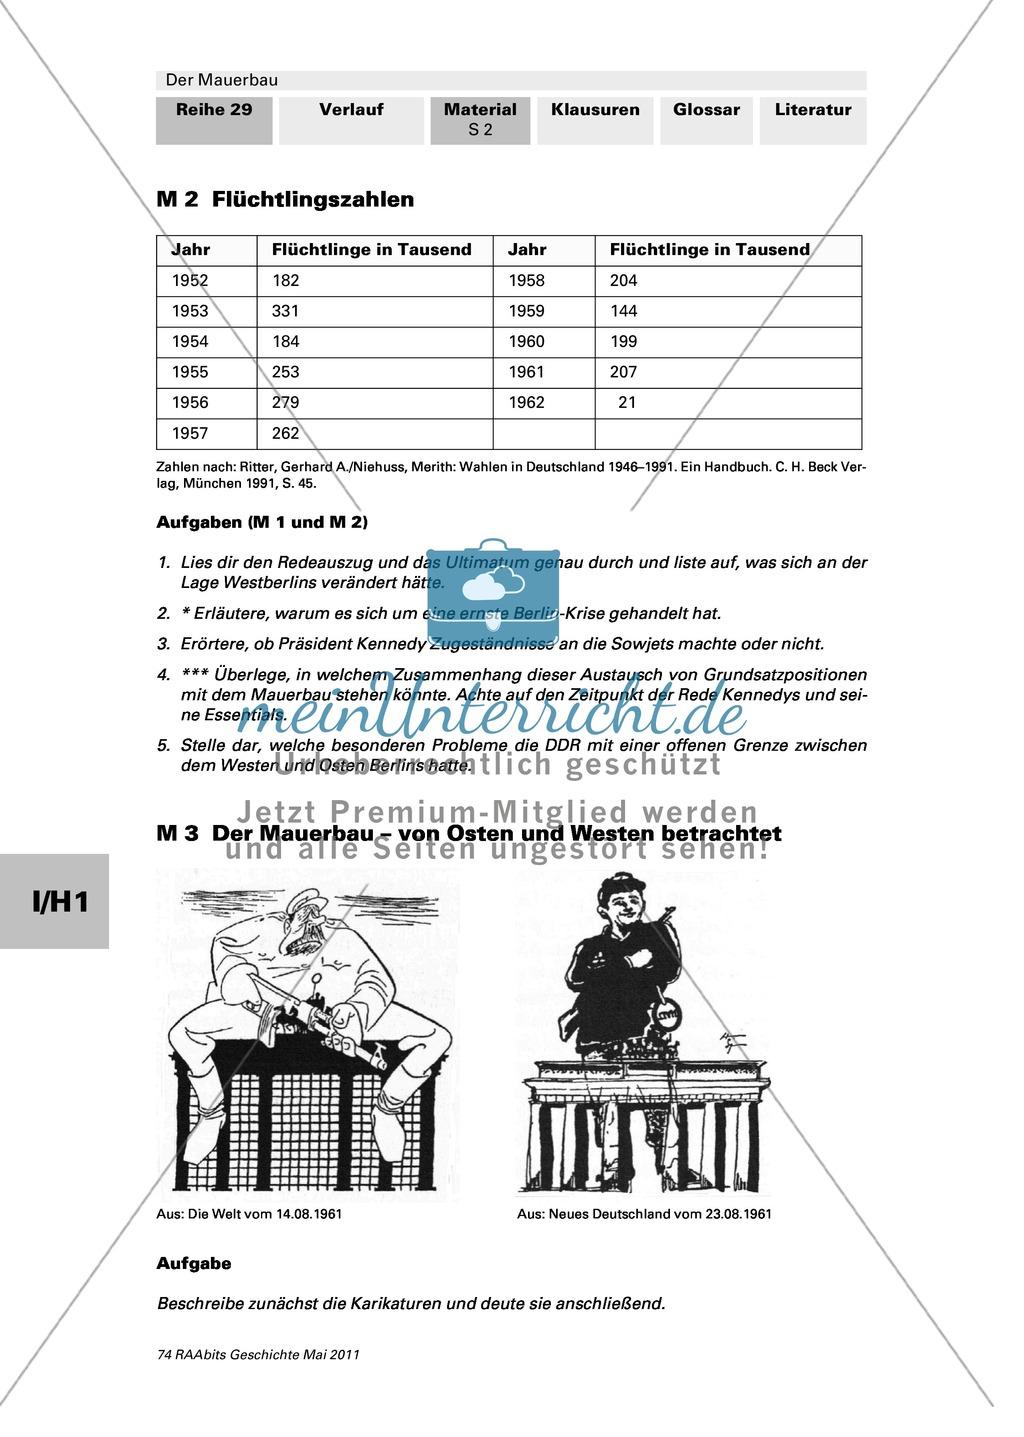 Mauerbau: Text: Rede von Chruschtschow am 10.11.1958 + Text: Kennedys Grundhaltung zu Westberlin vom 25.07.1961 + Tabelle: Flüchtlingszahlen + Karikaturen zum Mauerbau +  Stationenpass Preview 1